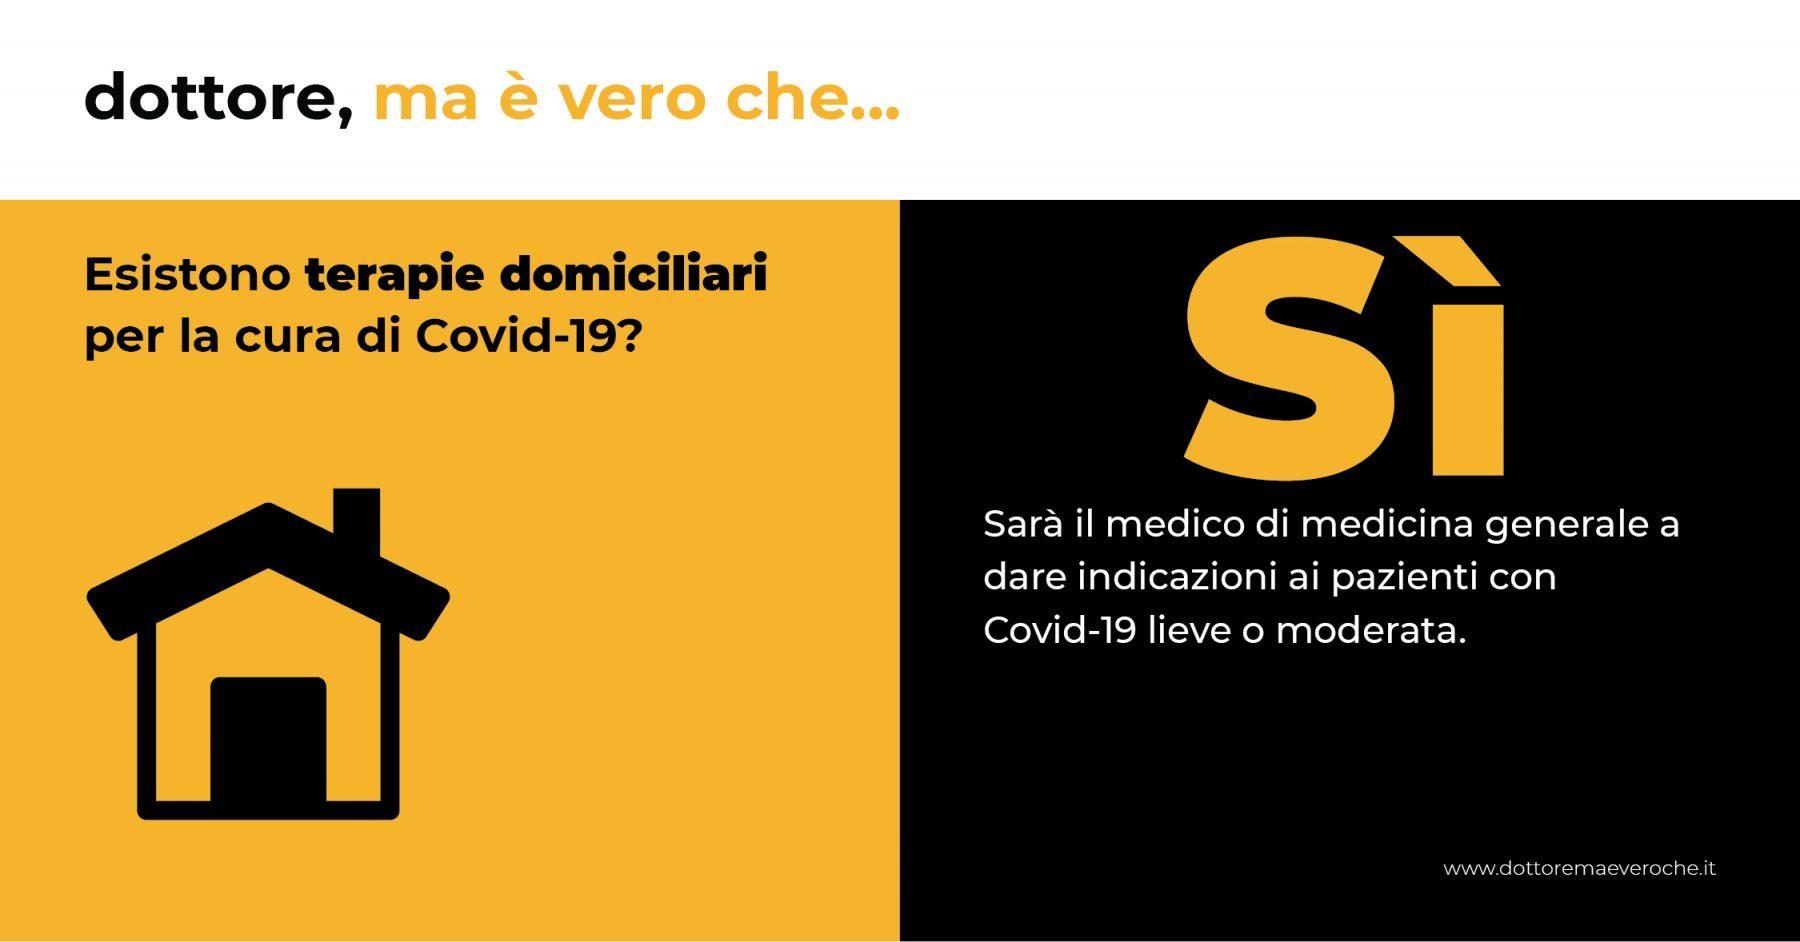 Card: Esistono terapie domiciliari per la cura di Covid-19?